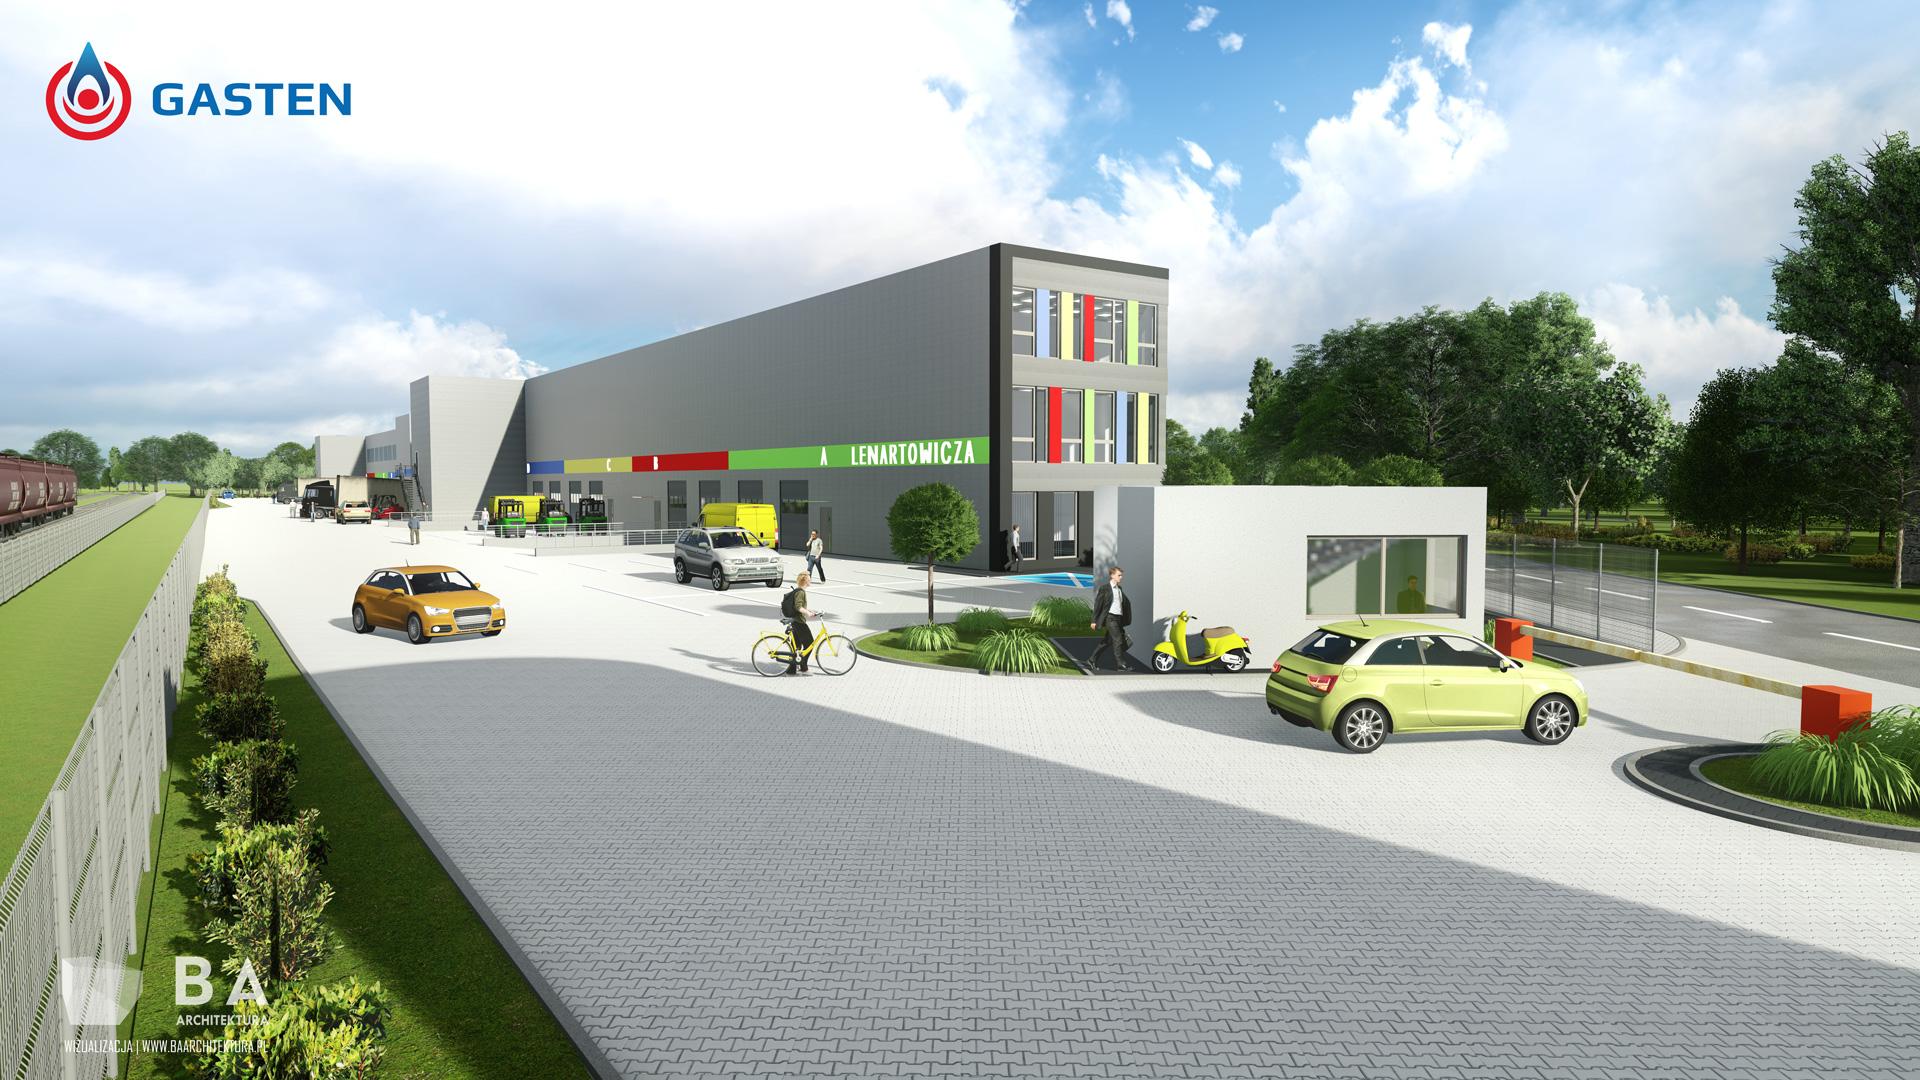 Bałtyckie Centrum Lipiński wizualizacja - BCL